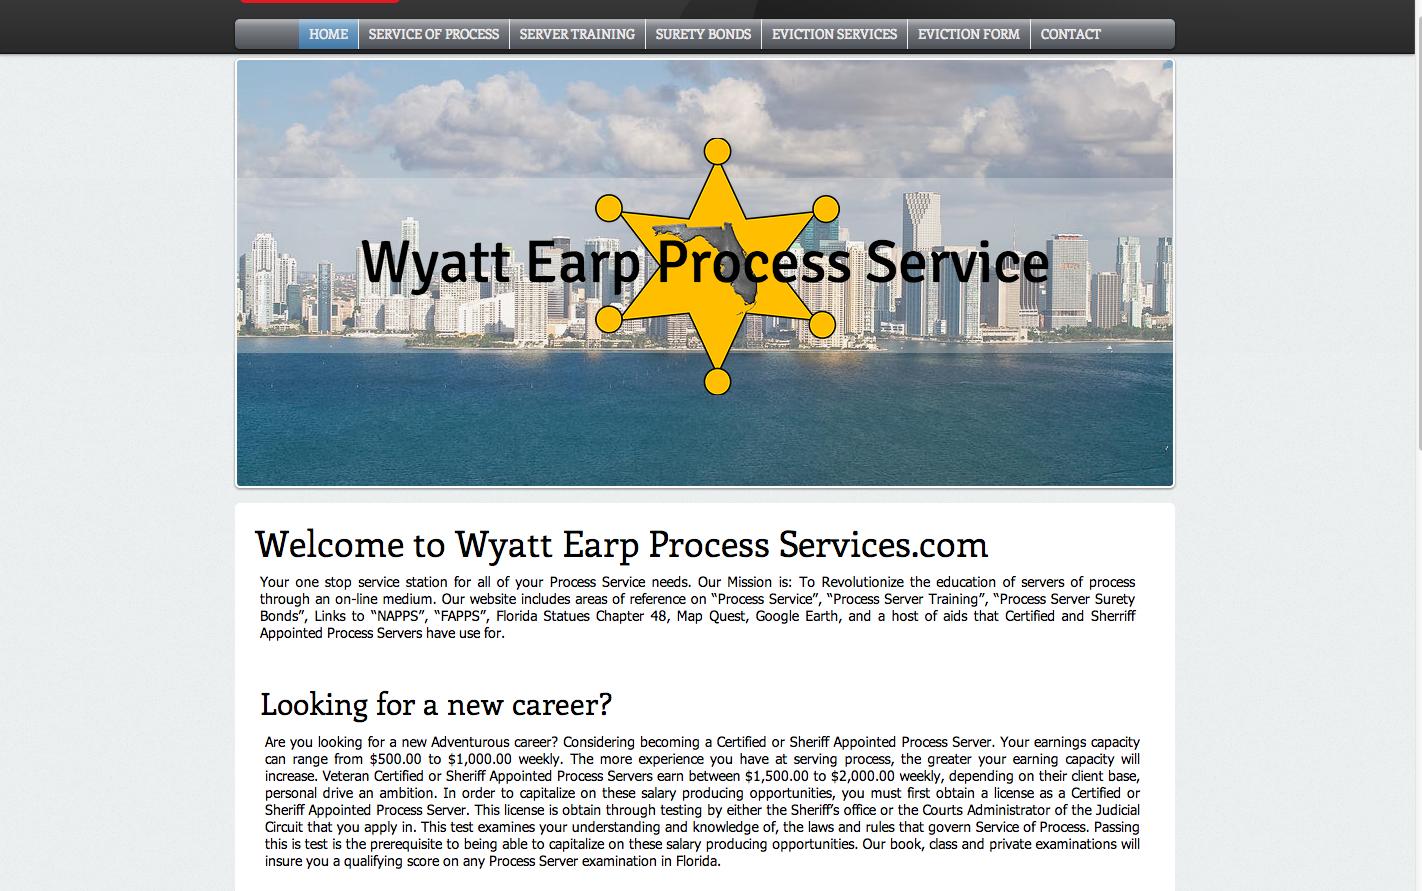 Wyatt Earp Process Service